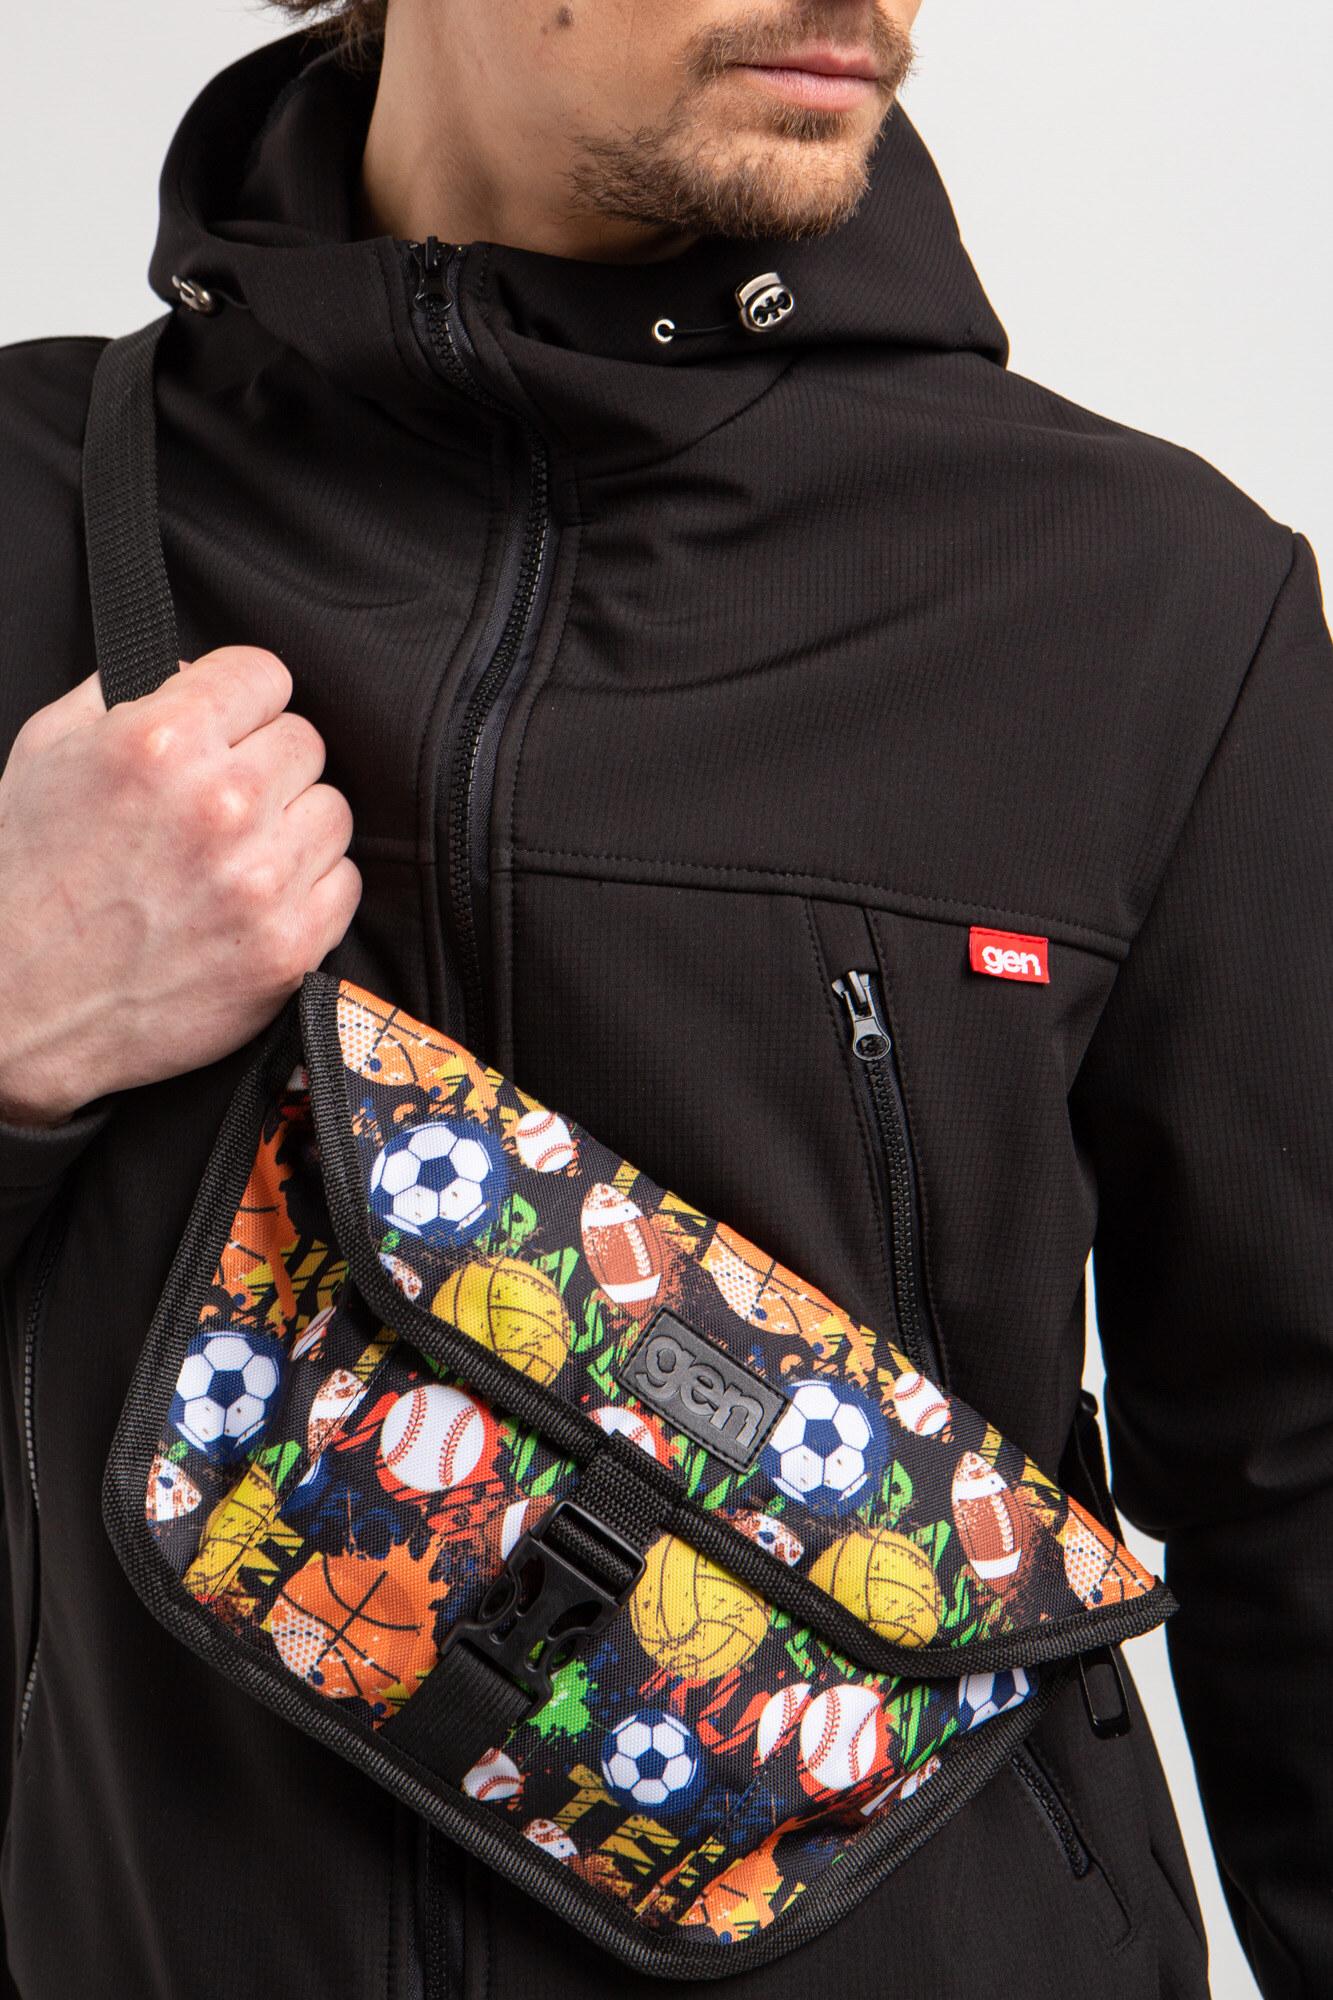 GEN Черная поясная сумка бананка квадратной формы с одним карманом и клапаном